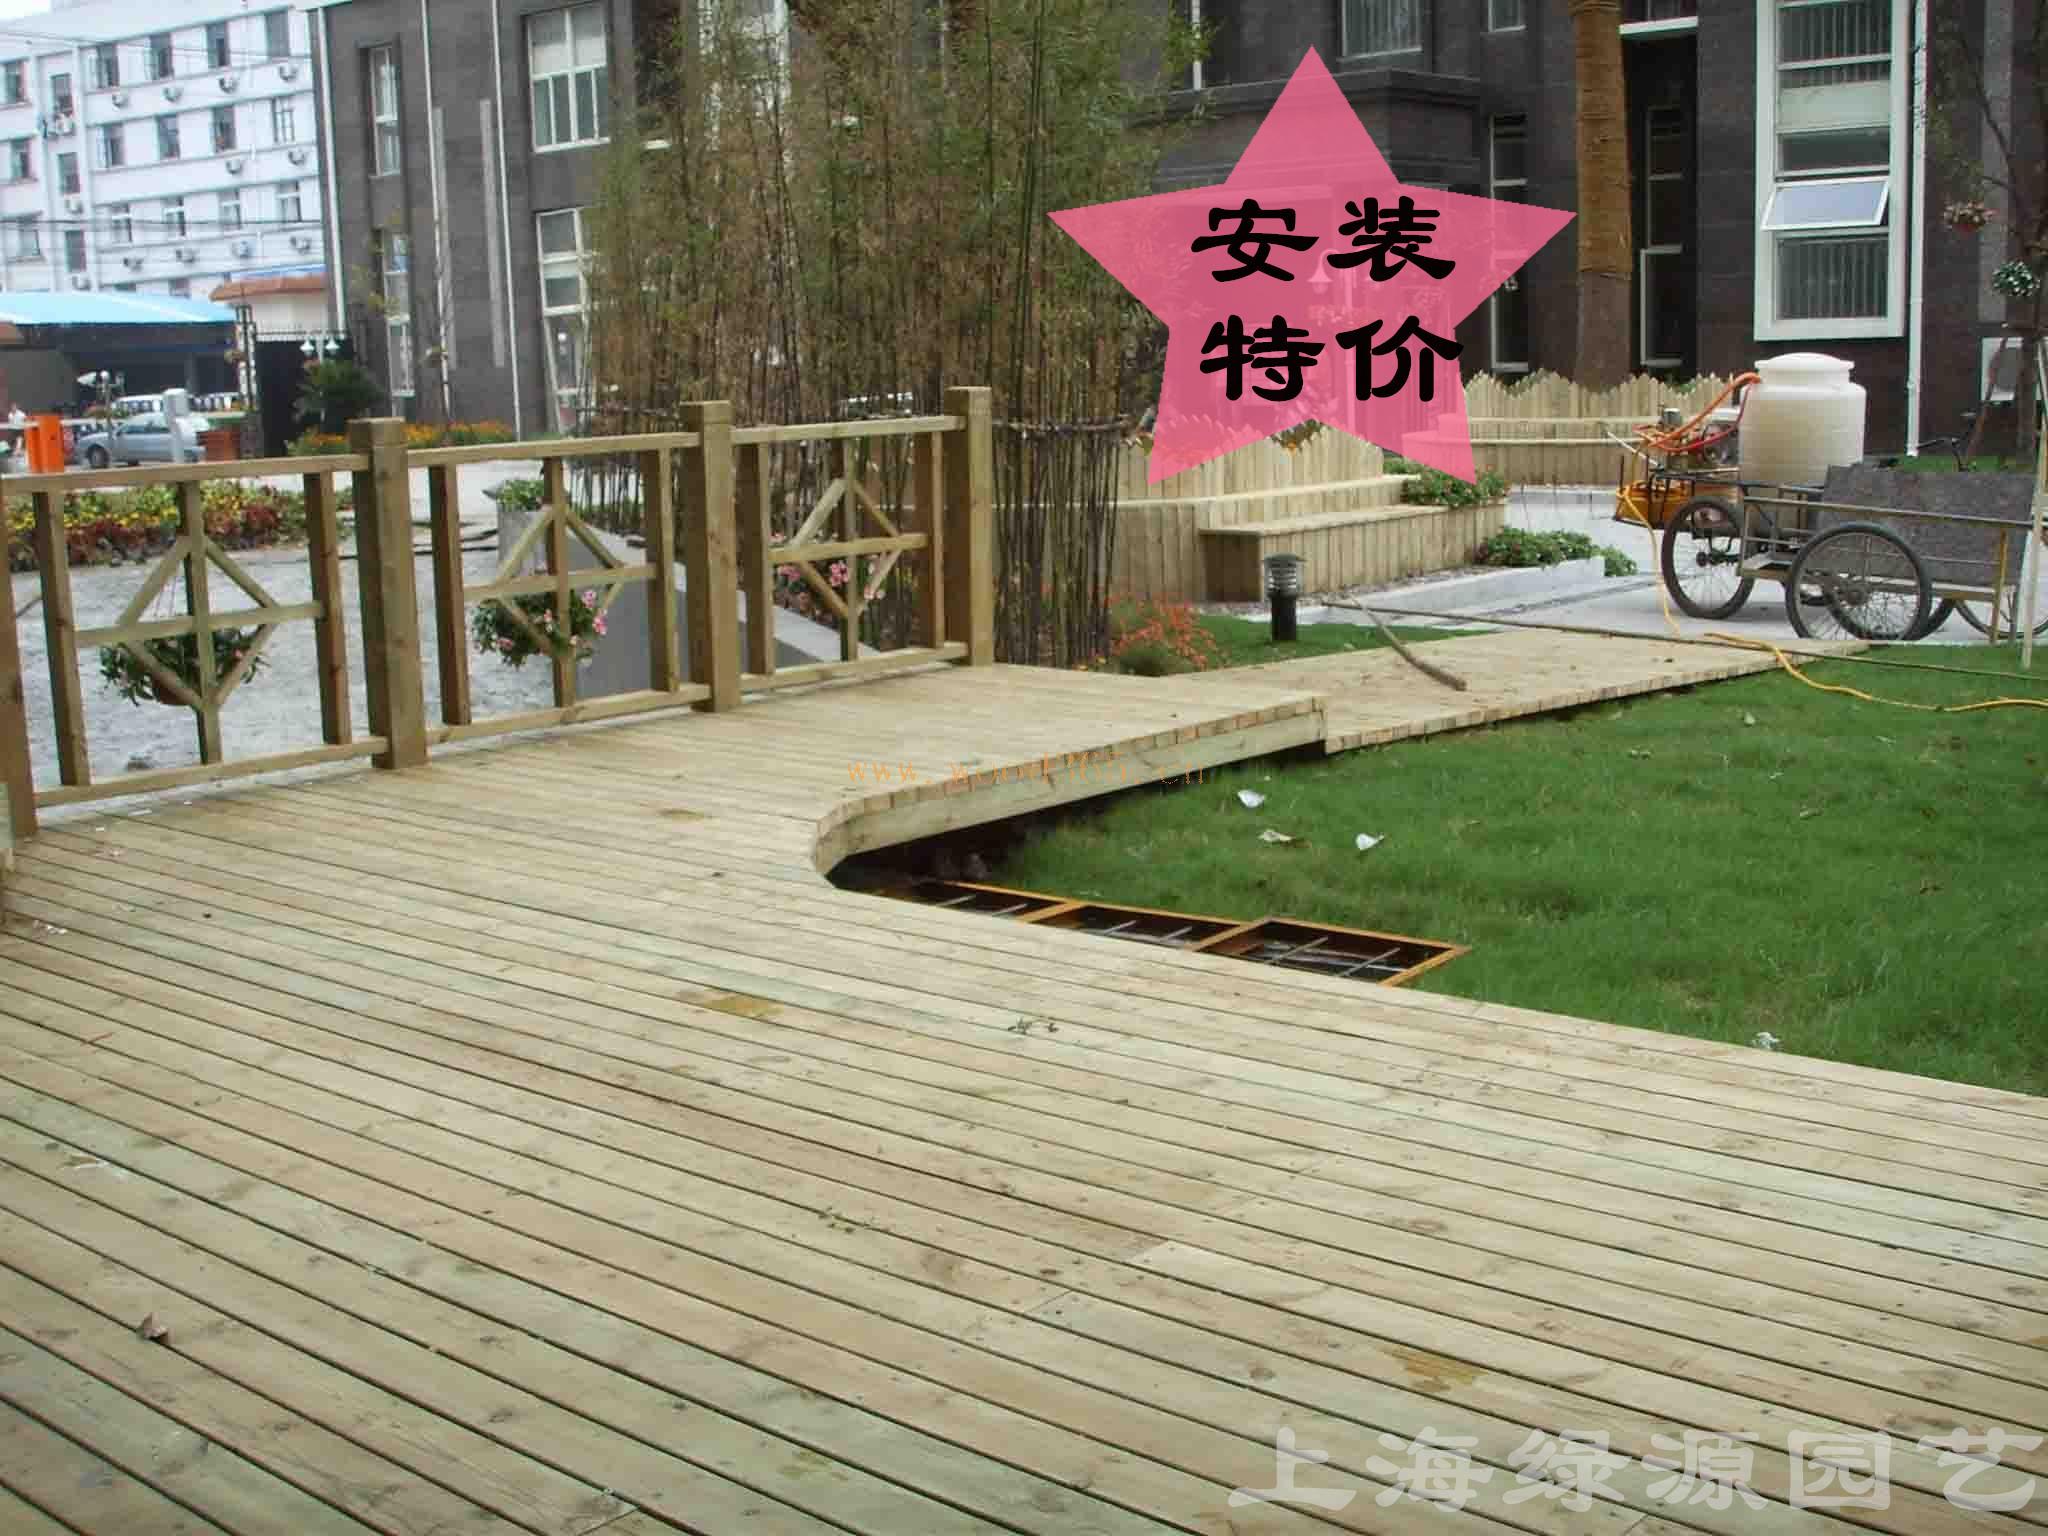 Древесина с защитной пропиткой Антикоррозионные деревянный настил Шанхай пакет установки напольный терраса пол вайн твердосплавный инструмент этаже